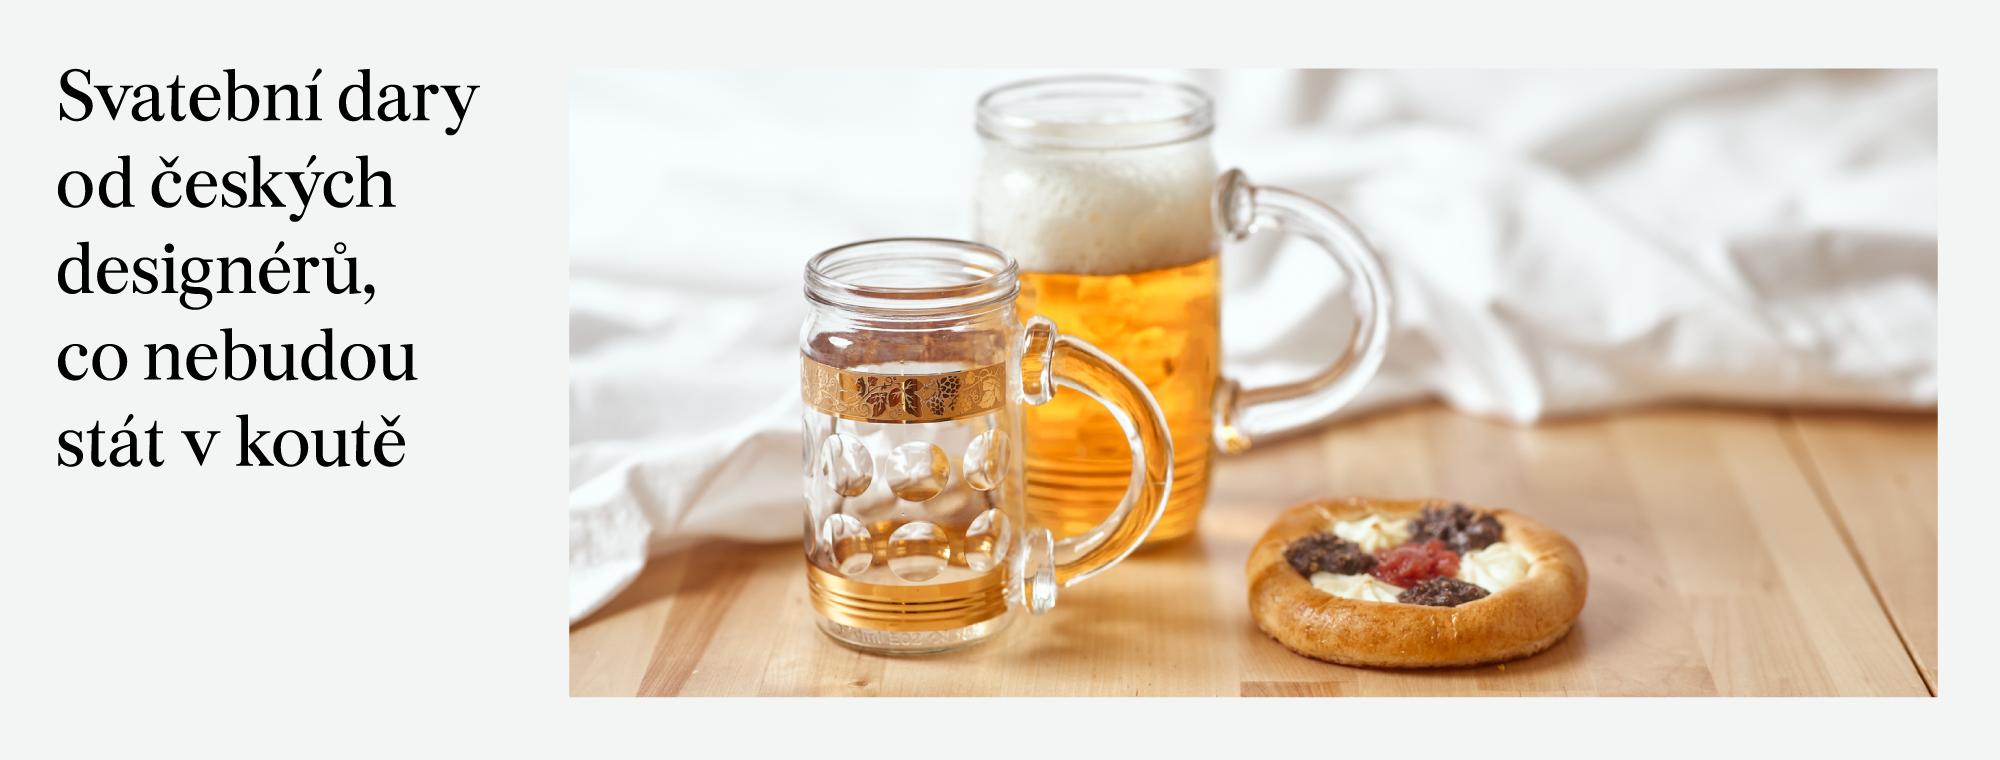 svatební dary 2021 - pivo web